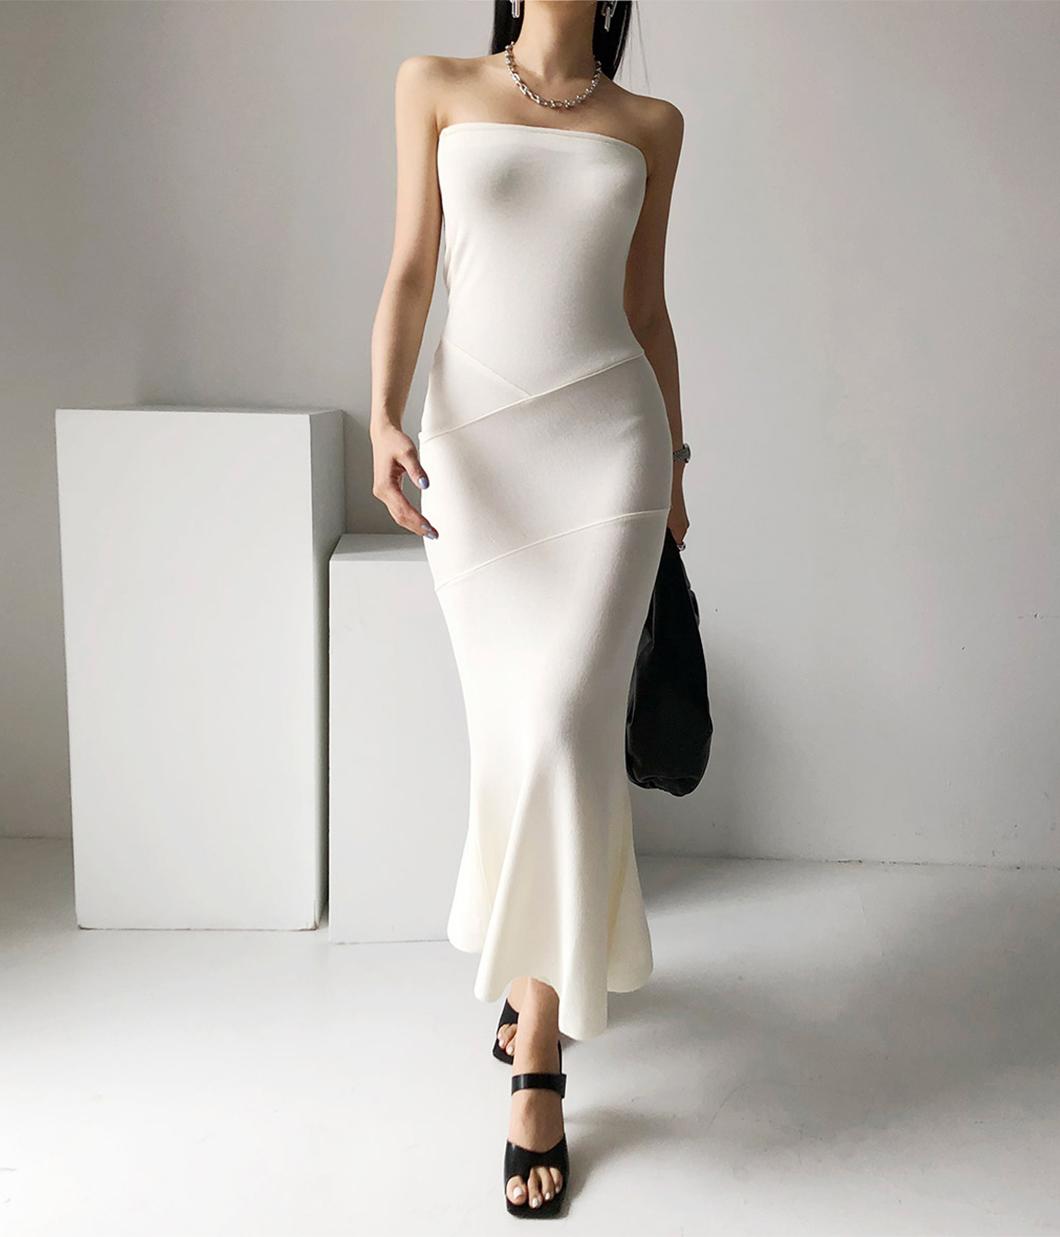 76.歐美高質感平口洋裝